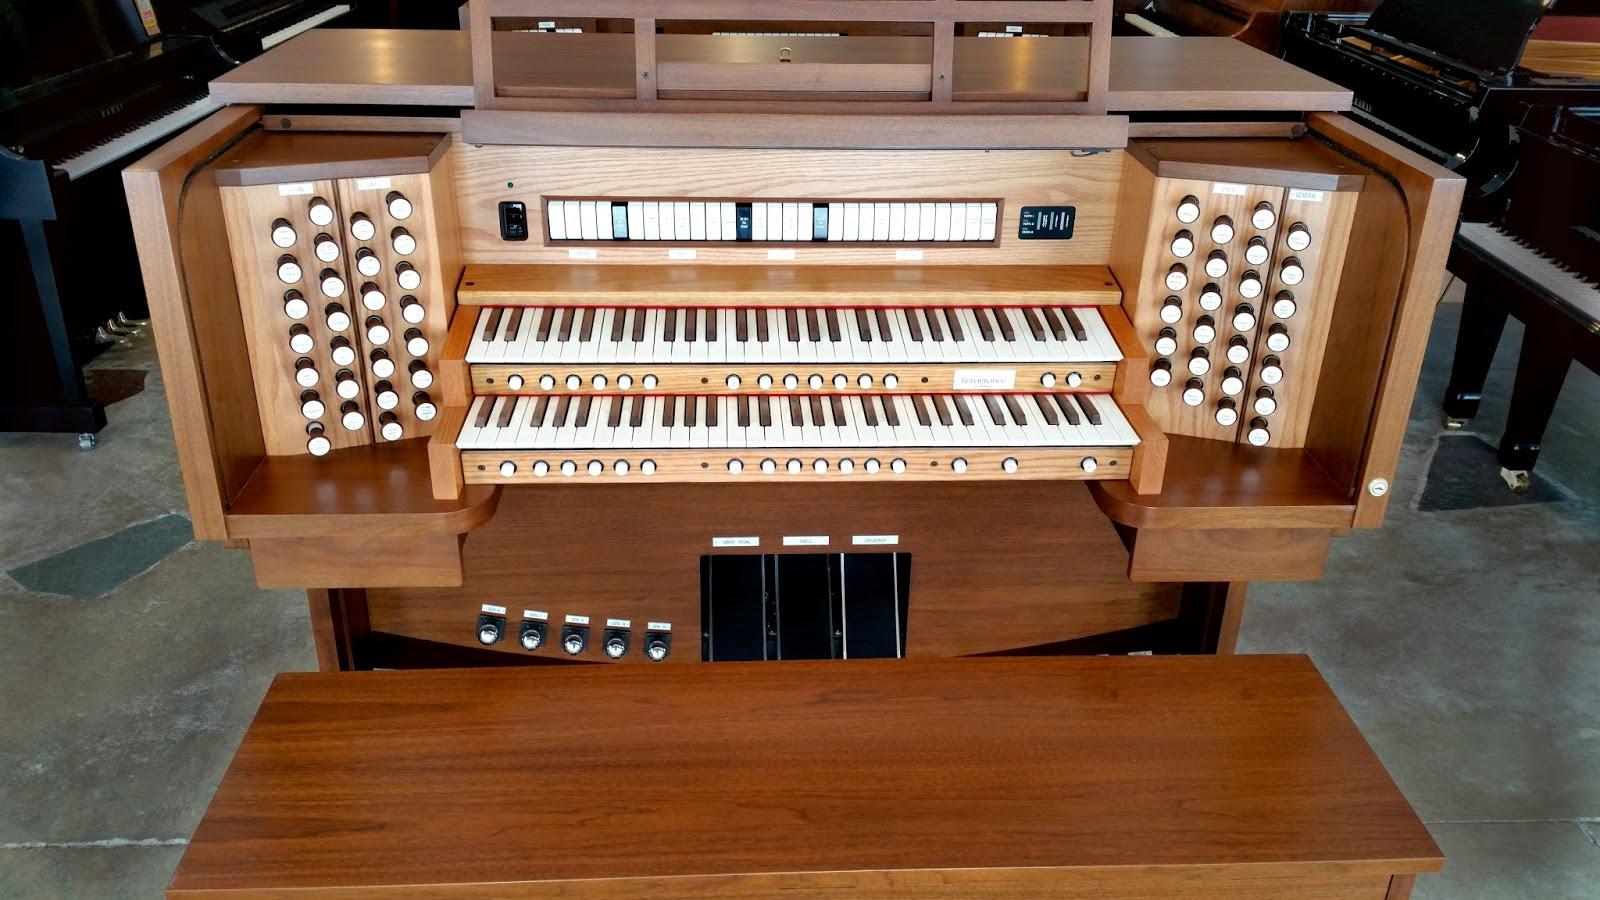 Used R-281, Allen organ